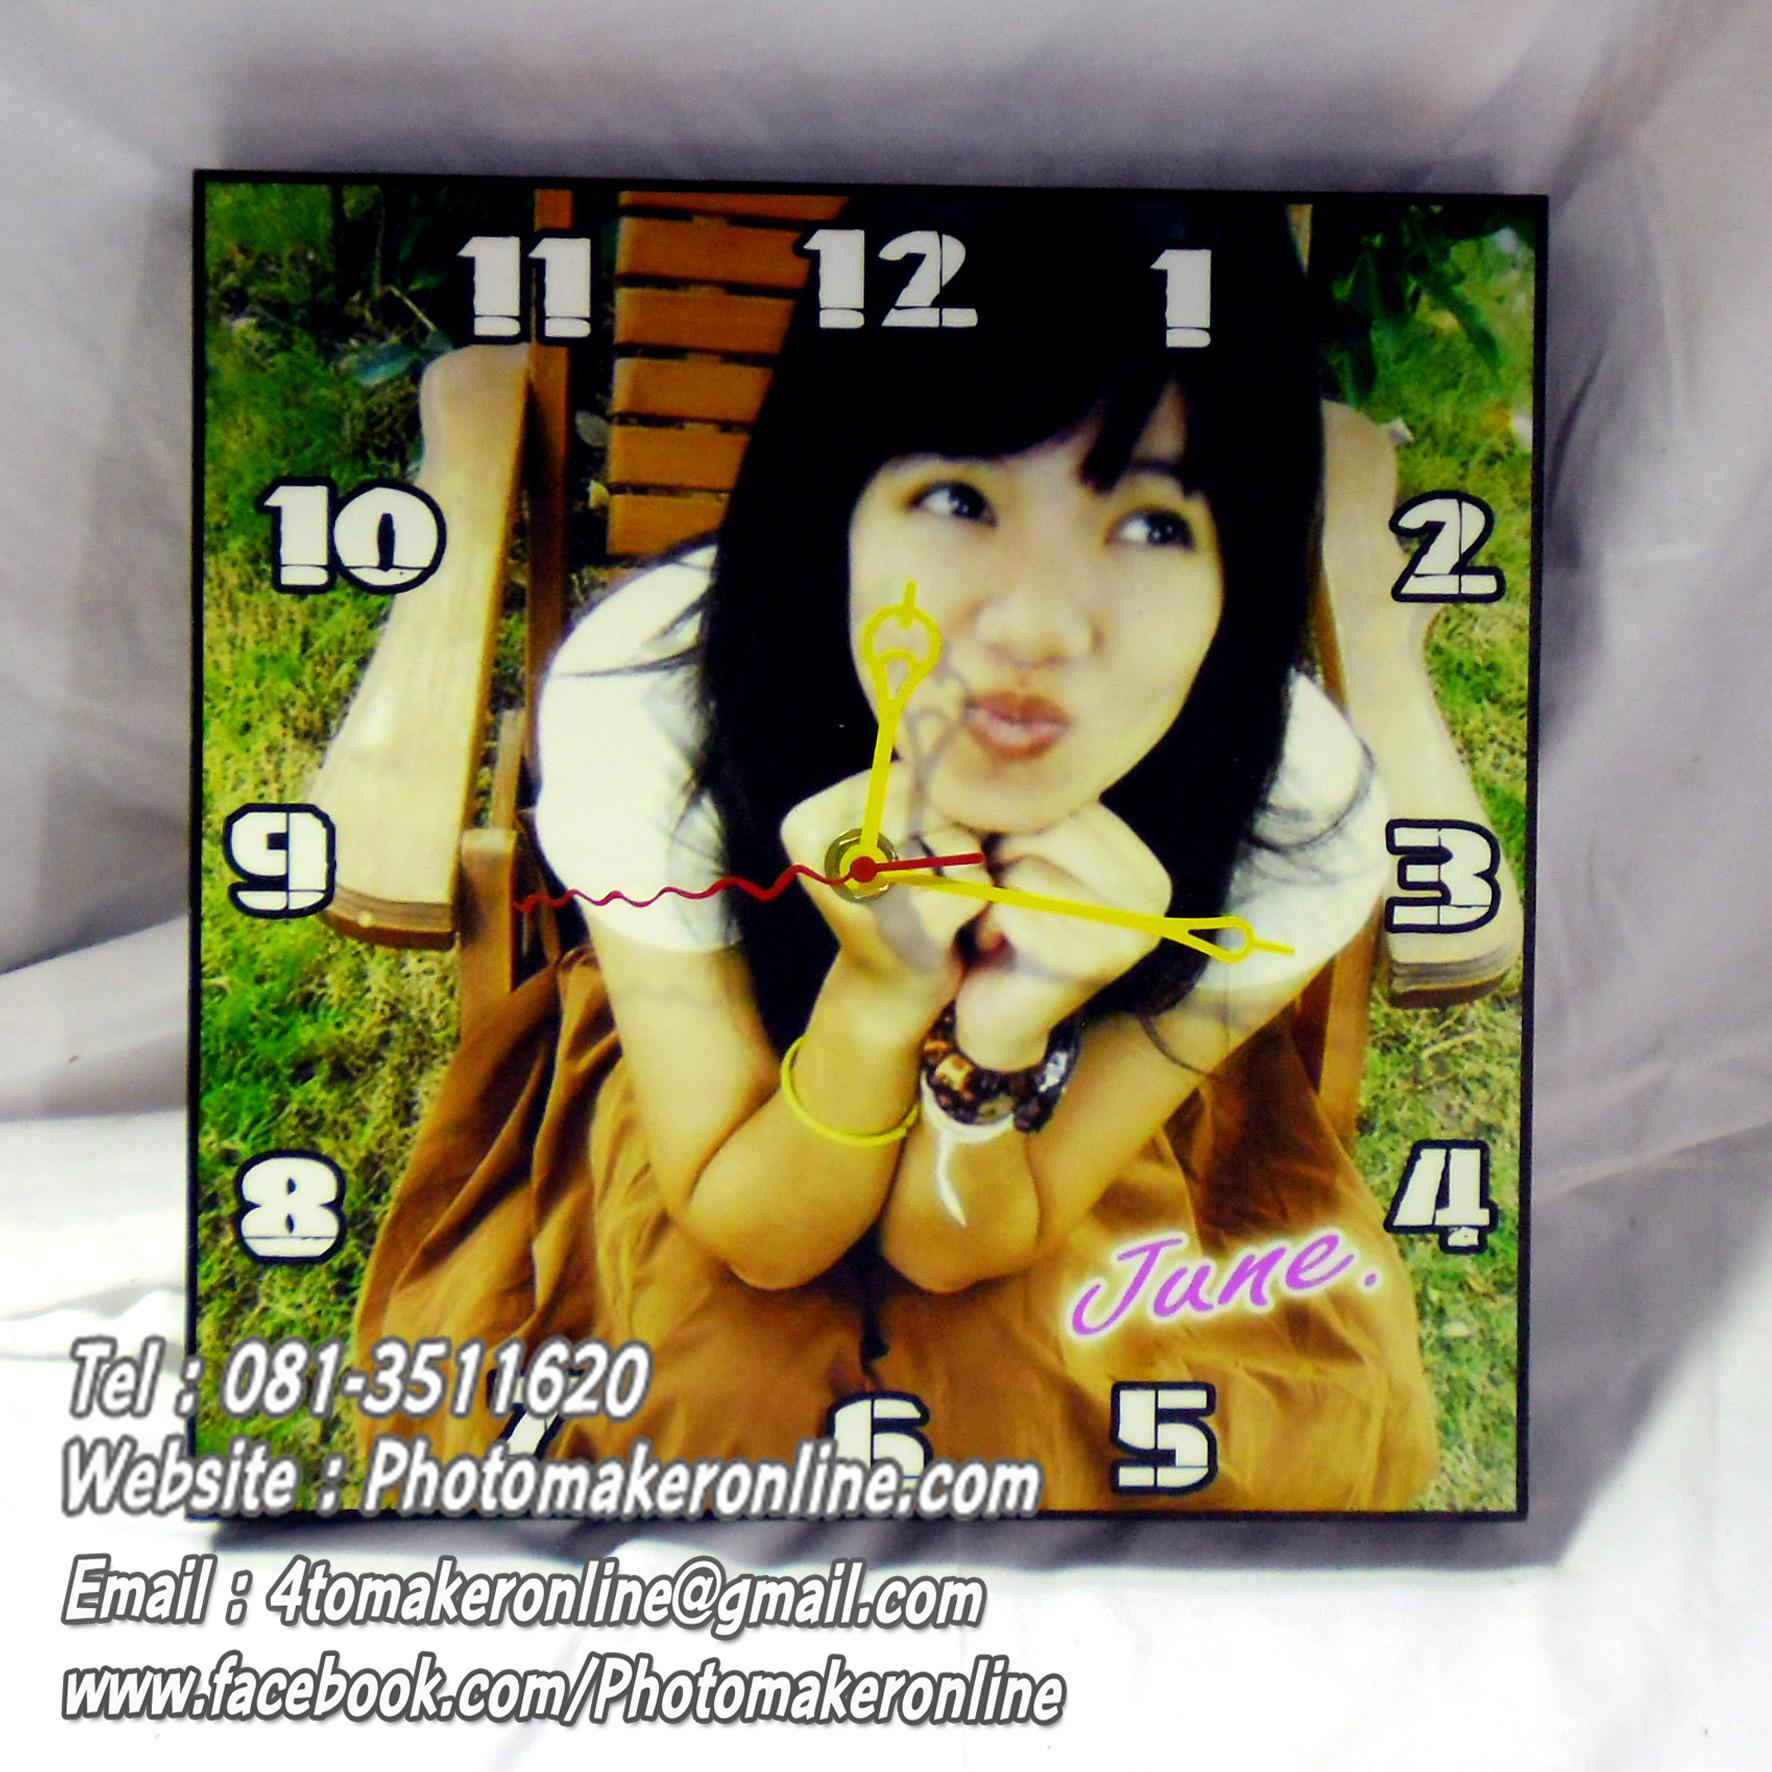 042-อัดขยายรูปและเข้ากรอบลอย 10x10 นิ้ว ใส่นาฬิกา